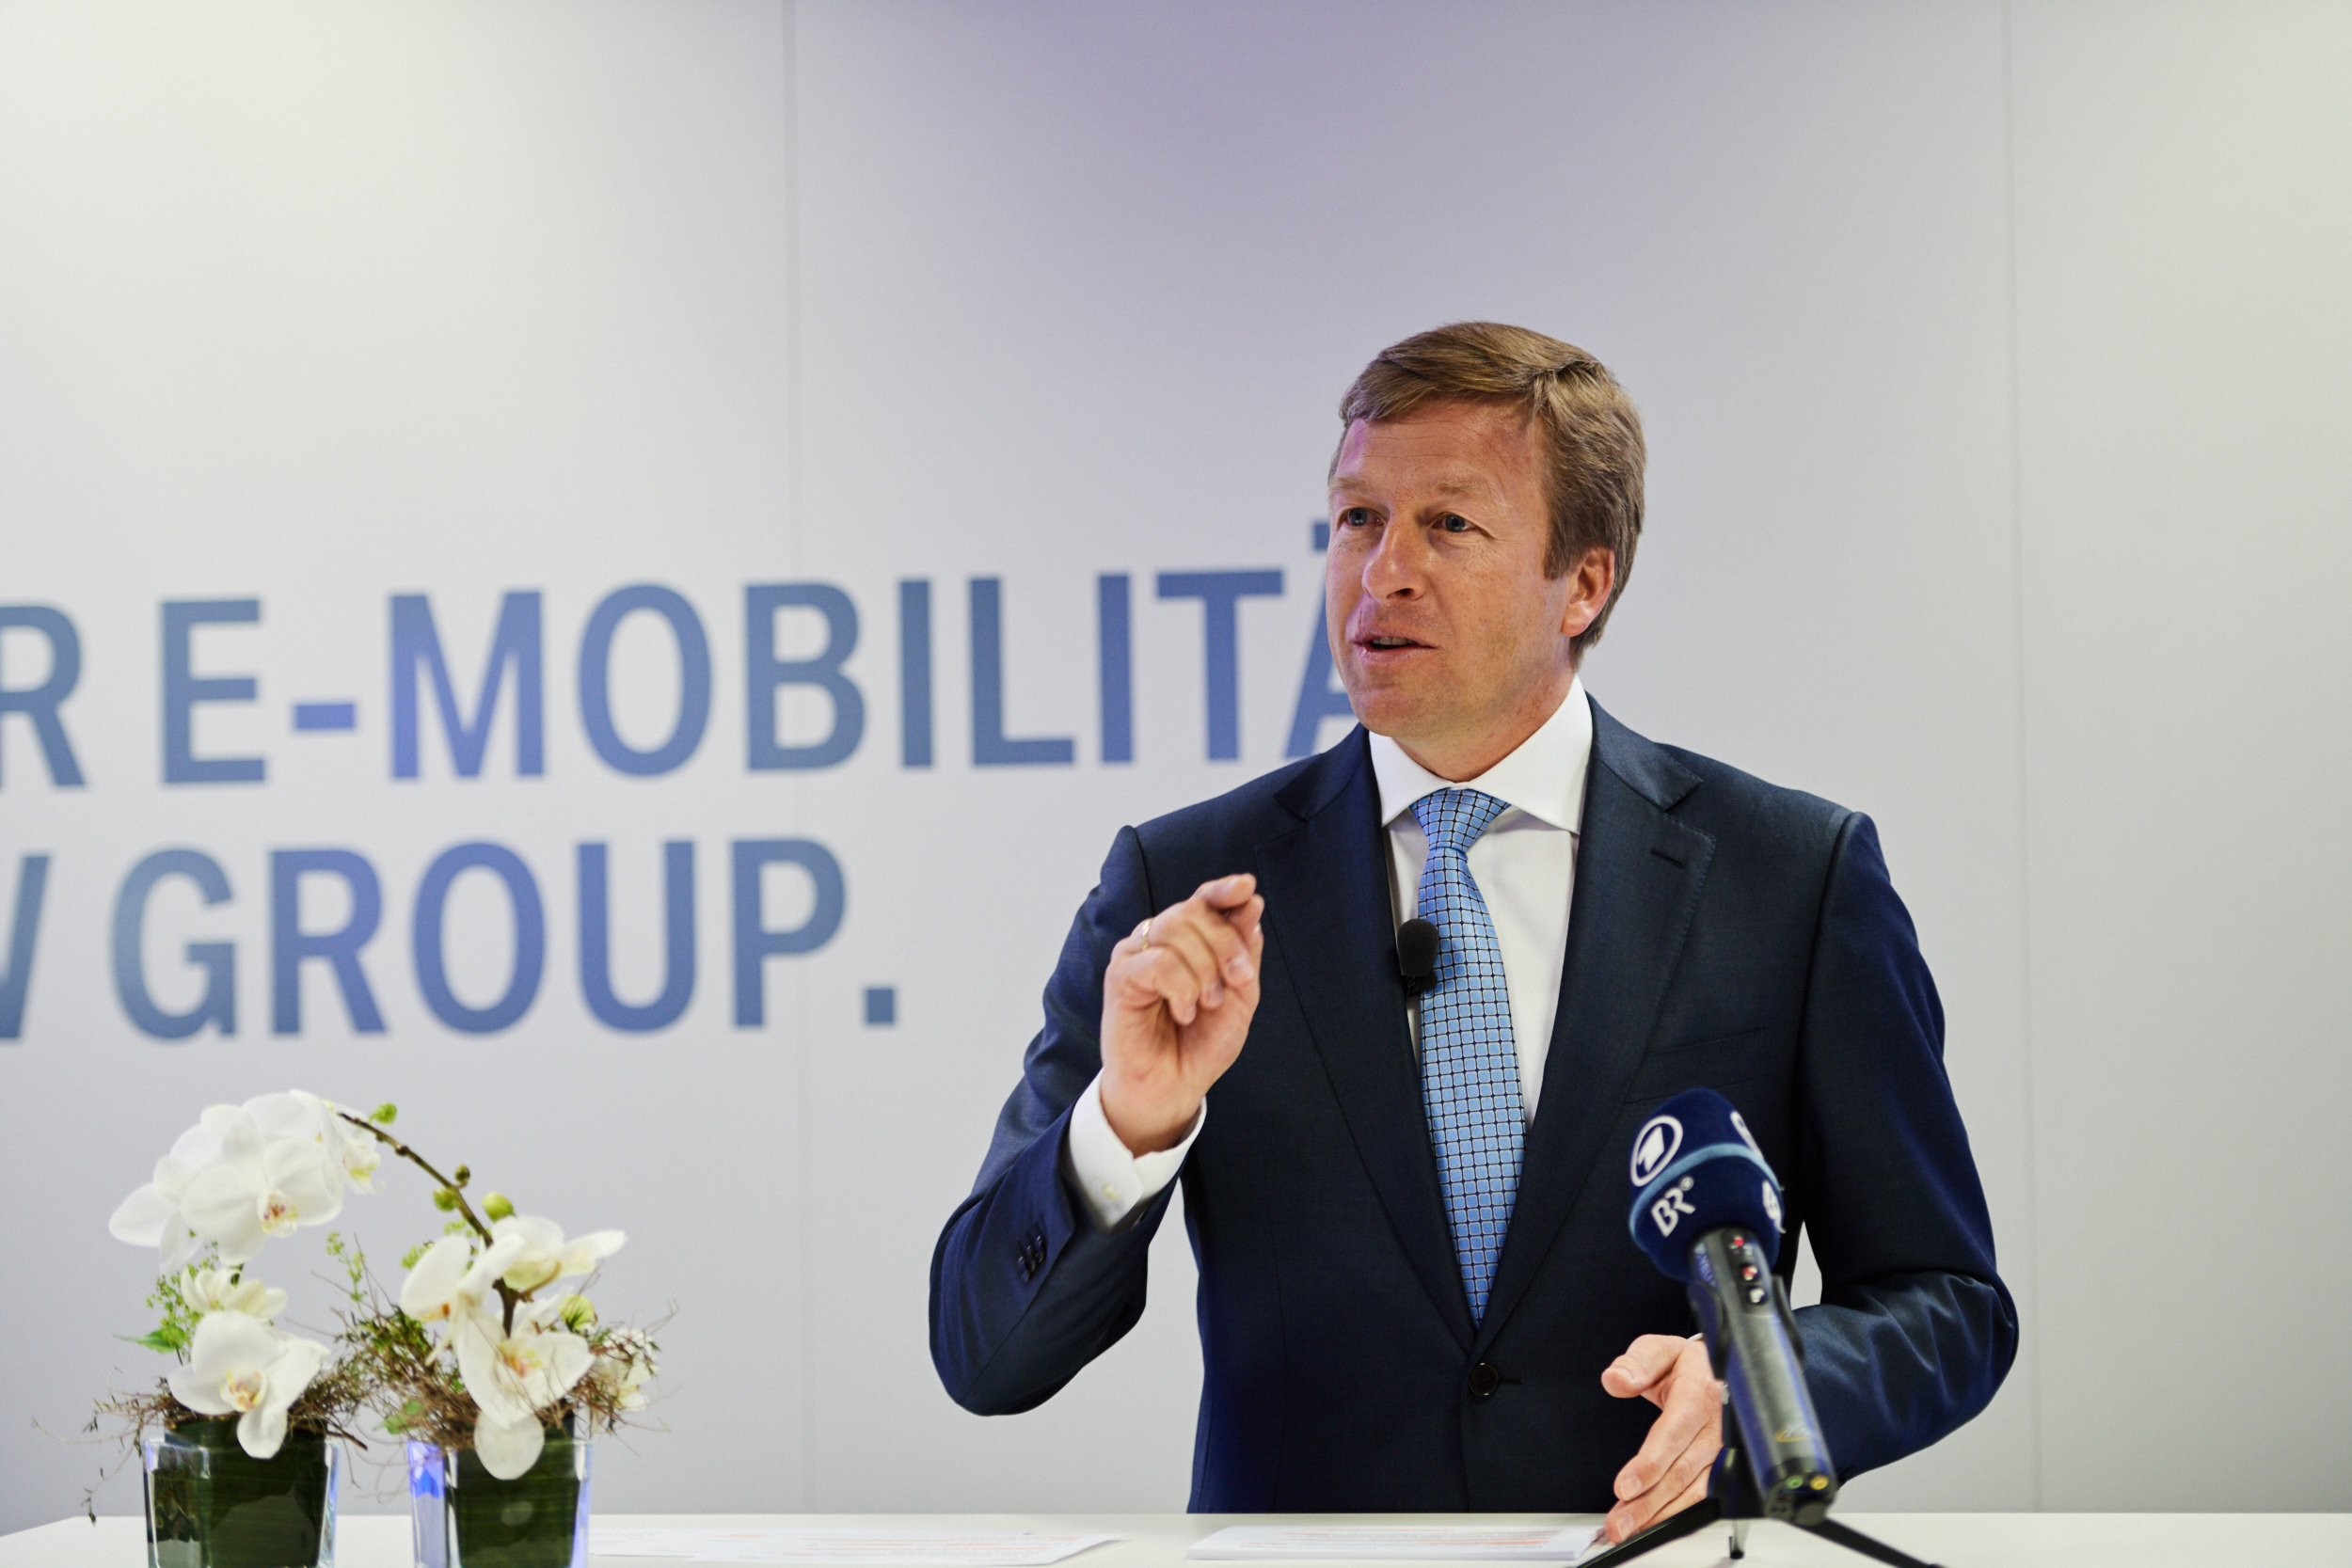 EU moet streven naar 1 miljoen openbare oplaadpunten voor elektrische voertuigen tegen 2024, zeggen autofabrikanten, milieuactivisten en consumentengroepen